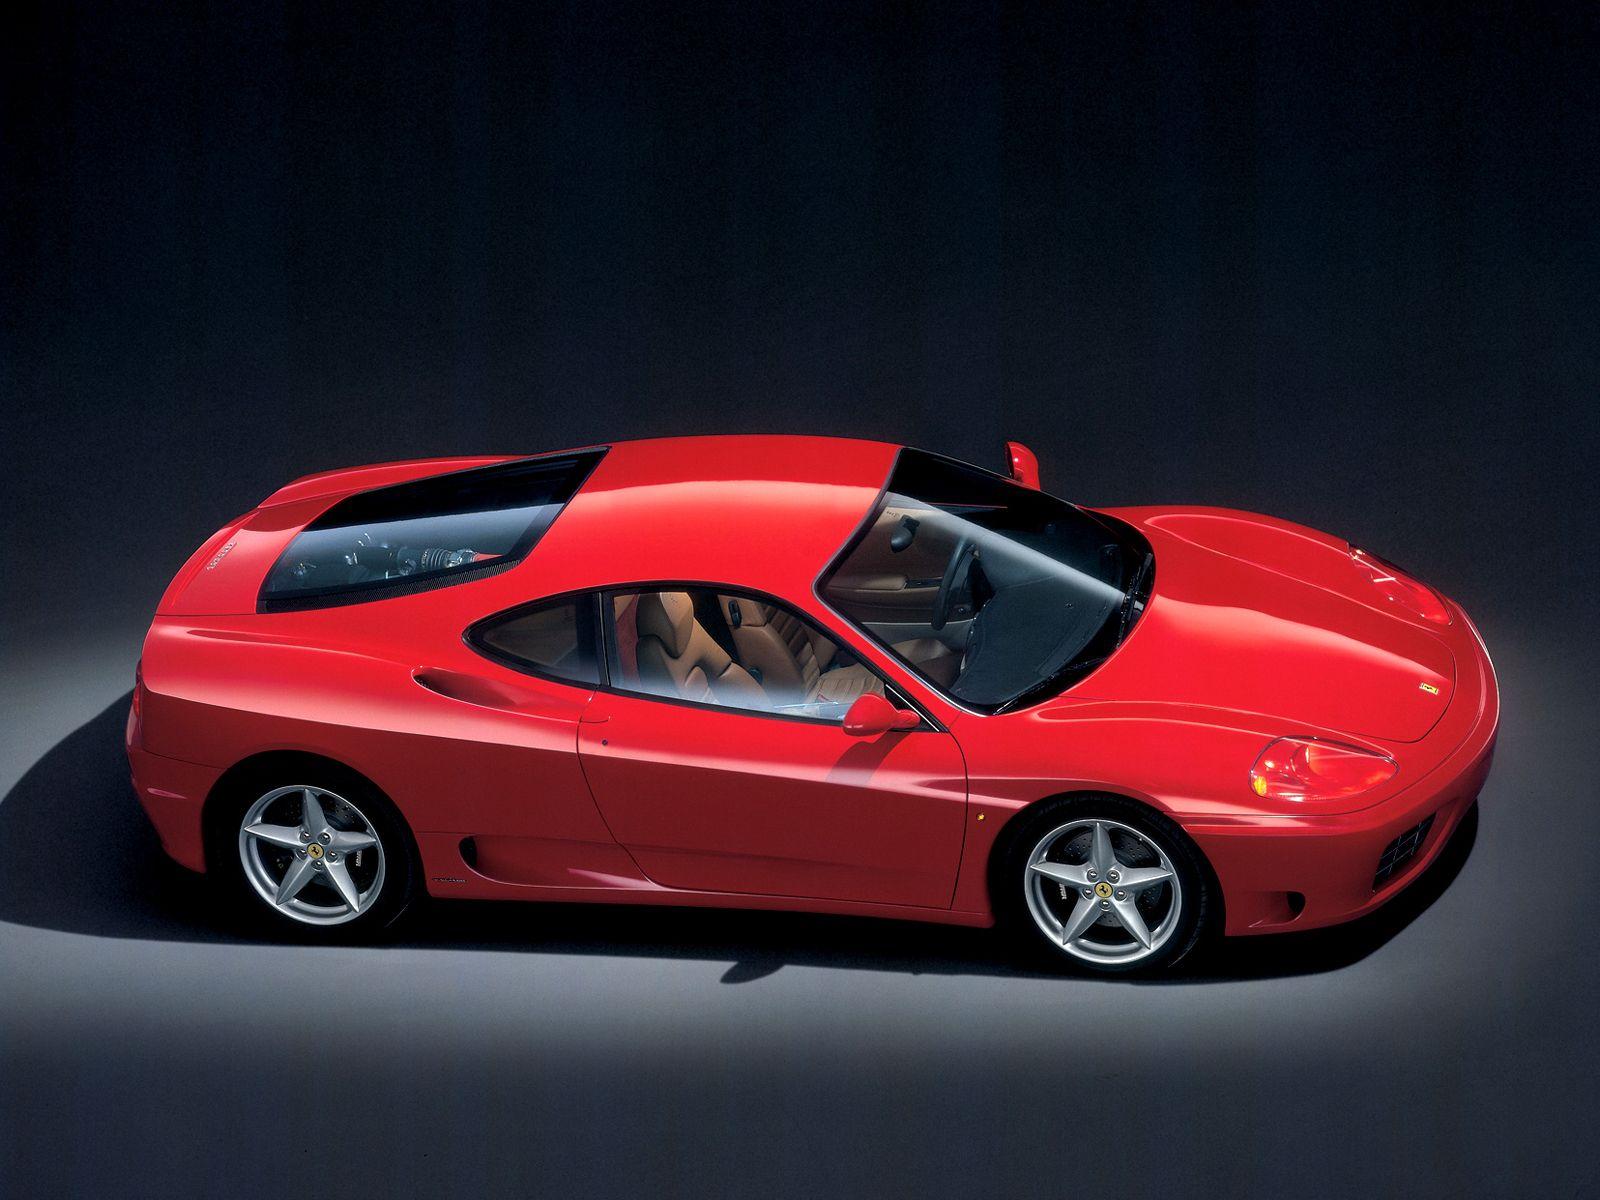 http://4.bp.blogspot.com/_uTGKd6u5pJ4/TRwvQq6pRoI/AAAAAAAAAQU/I5CyJpQ0md4/s1600/Red-Ferrari-360-Modena-Wallpaper.jpg